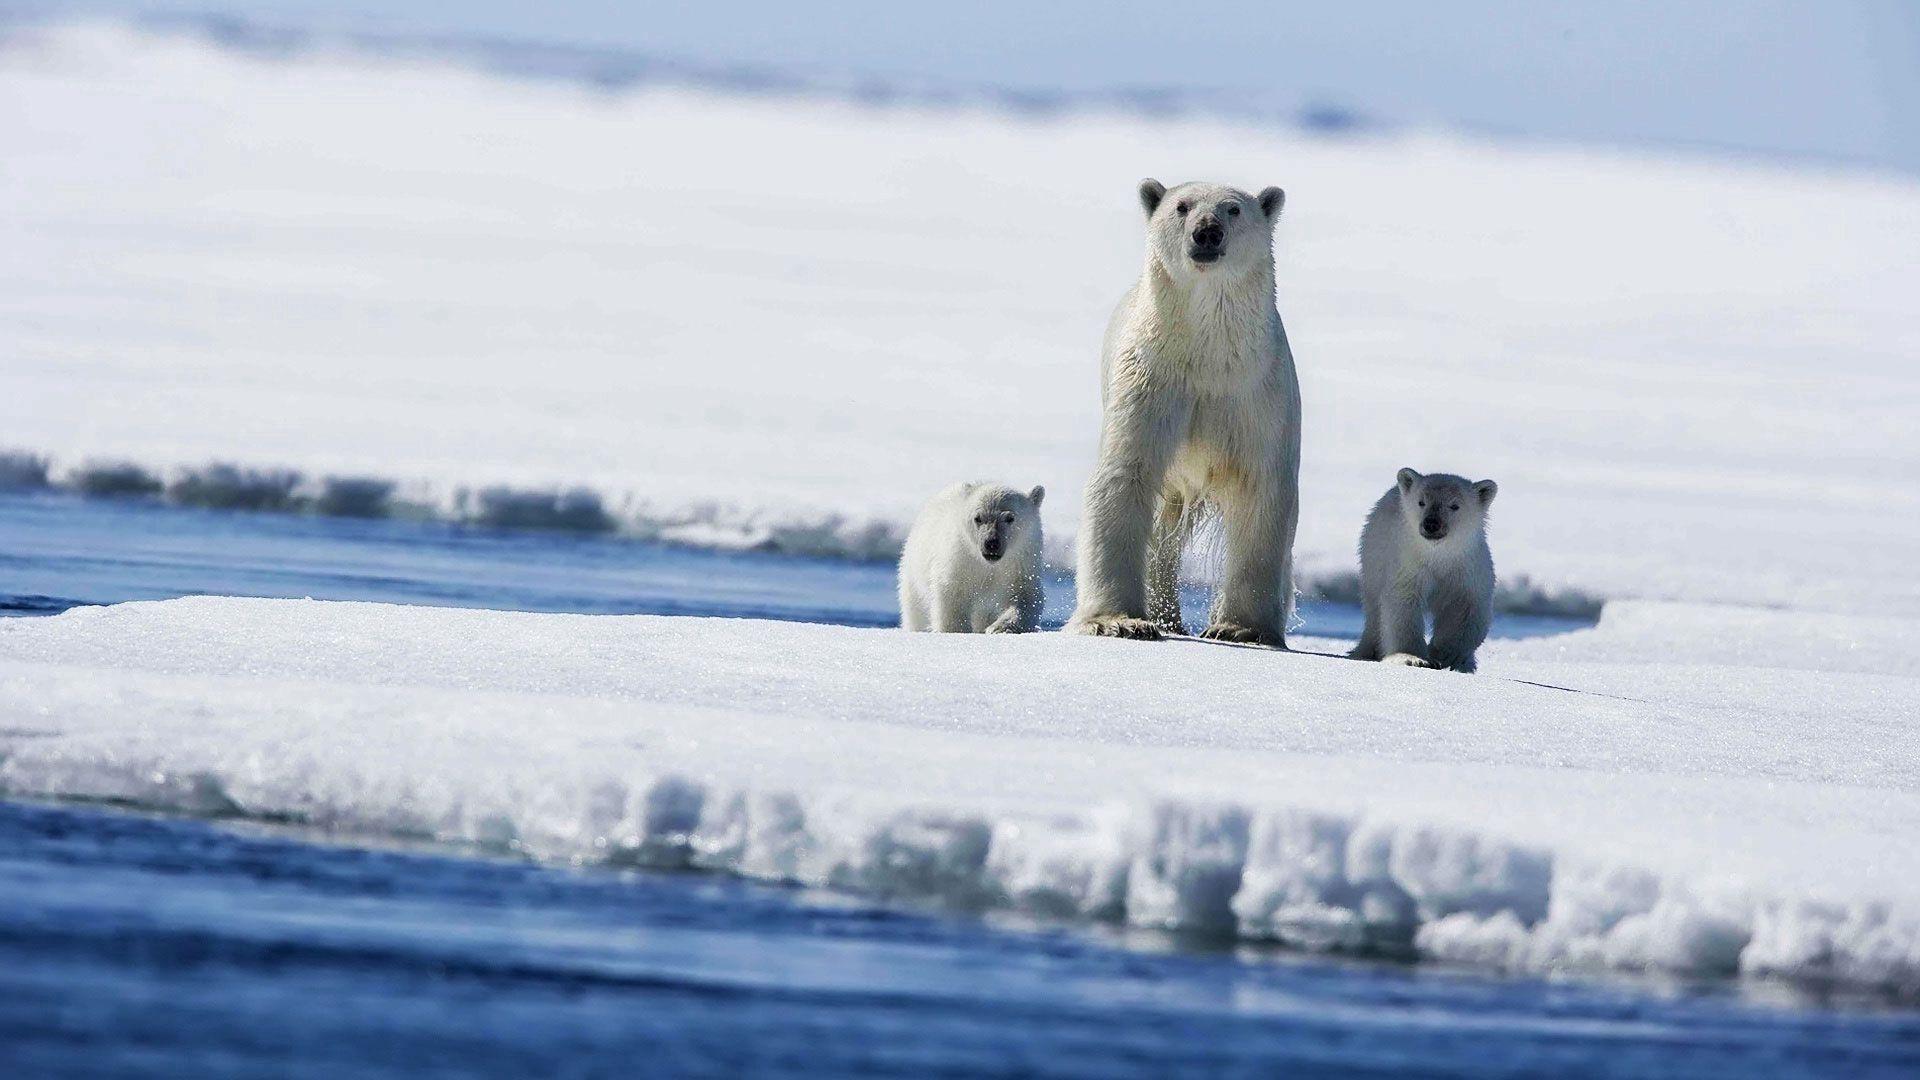 107702 Заставки и Обои Медведи на телефон. Скачать Медведи, Животные, Зима, Снег, Океан, Брызги картинки бесплатно